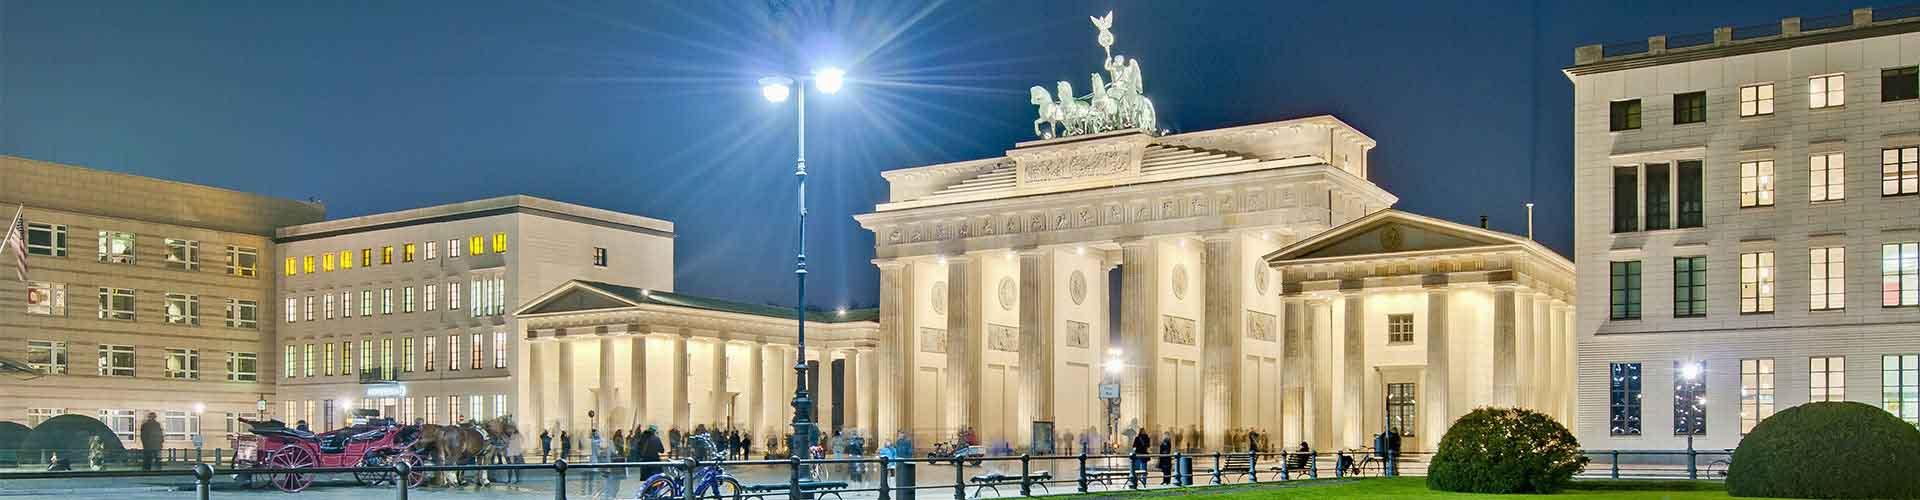 Berlin - Chambres près de Pariser Platz. Cartes pour Berlin, photos et commentaires pour chaque chambre à Berlin.